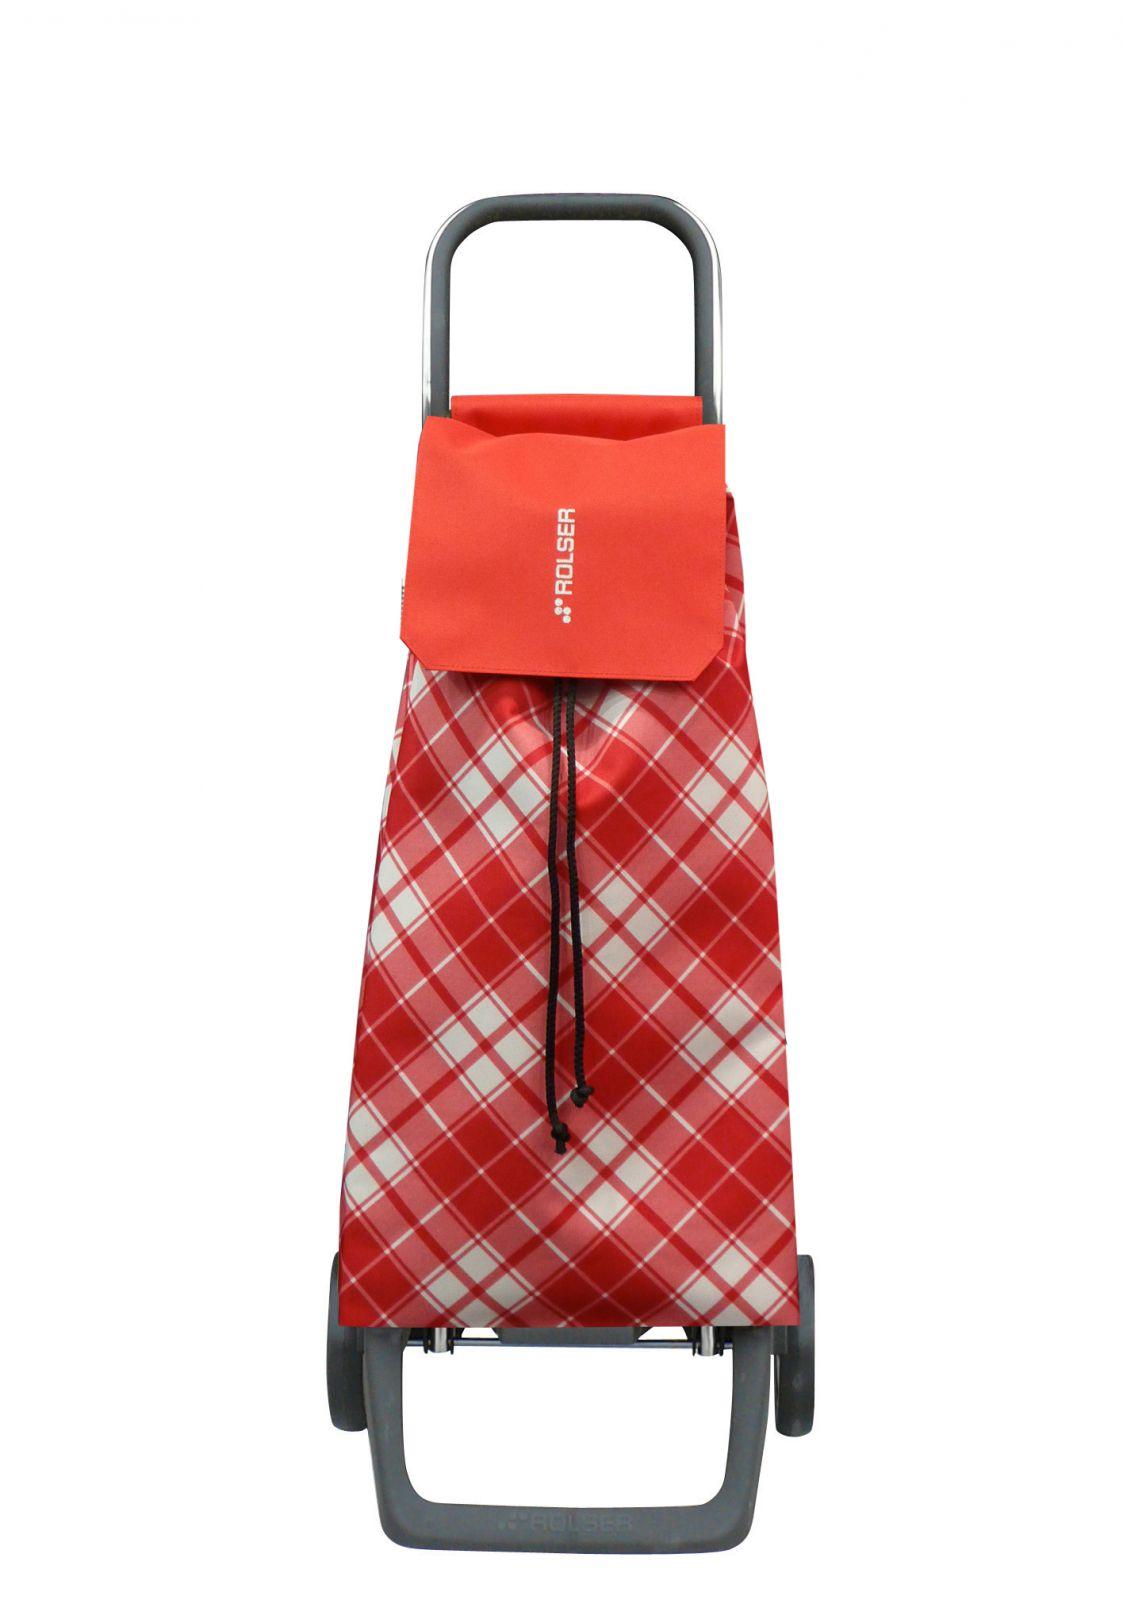 ef998653e49 Nákupní tašky na kolečkách kolekce HOPPA